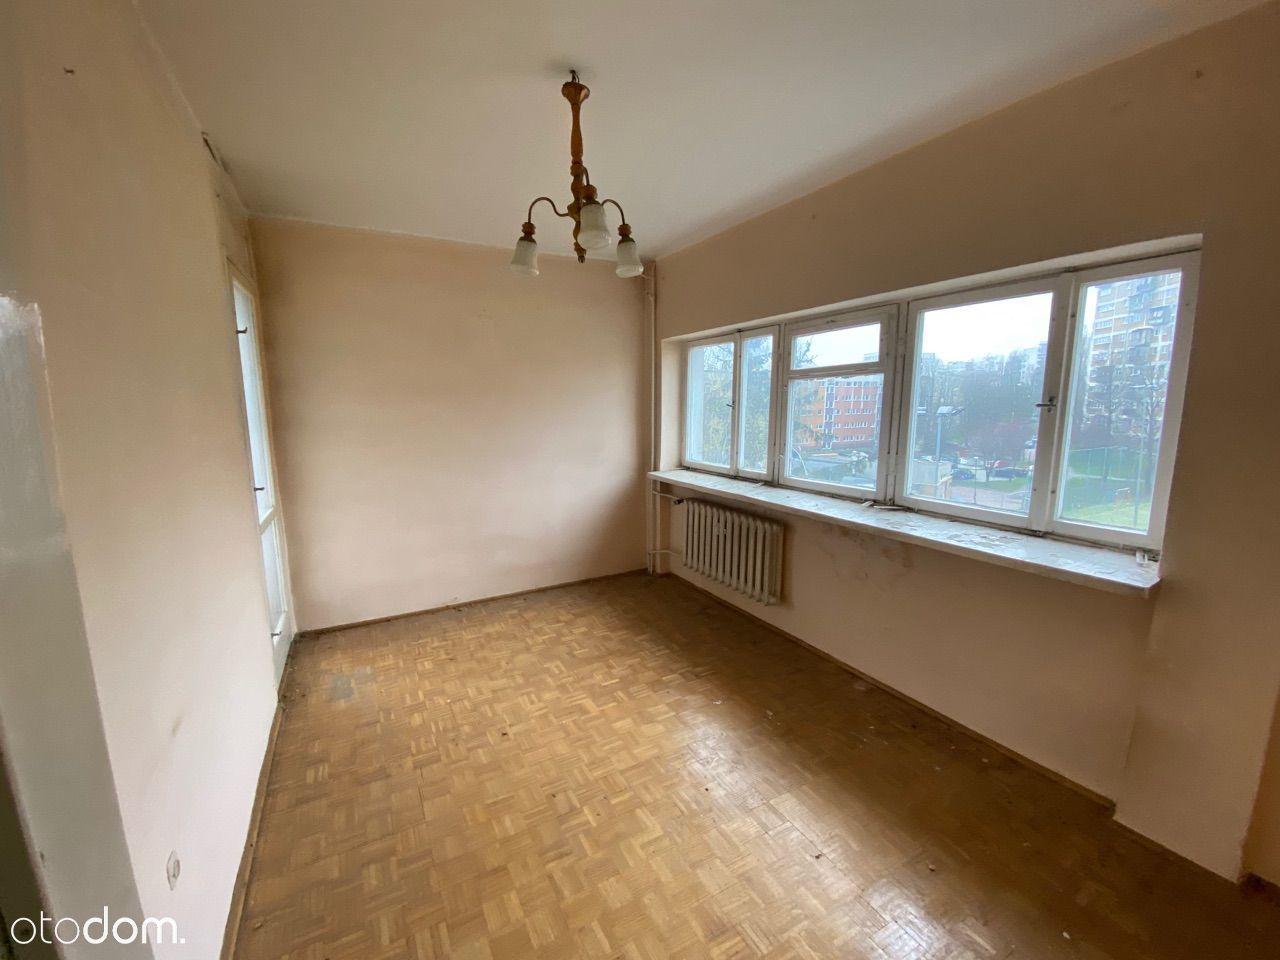 LSM, 2 pokoje 36,3 m2, ul. Balladyny 12